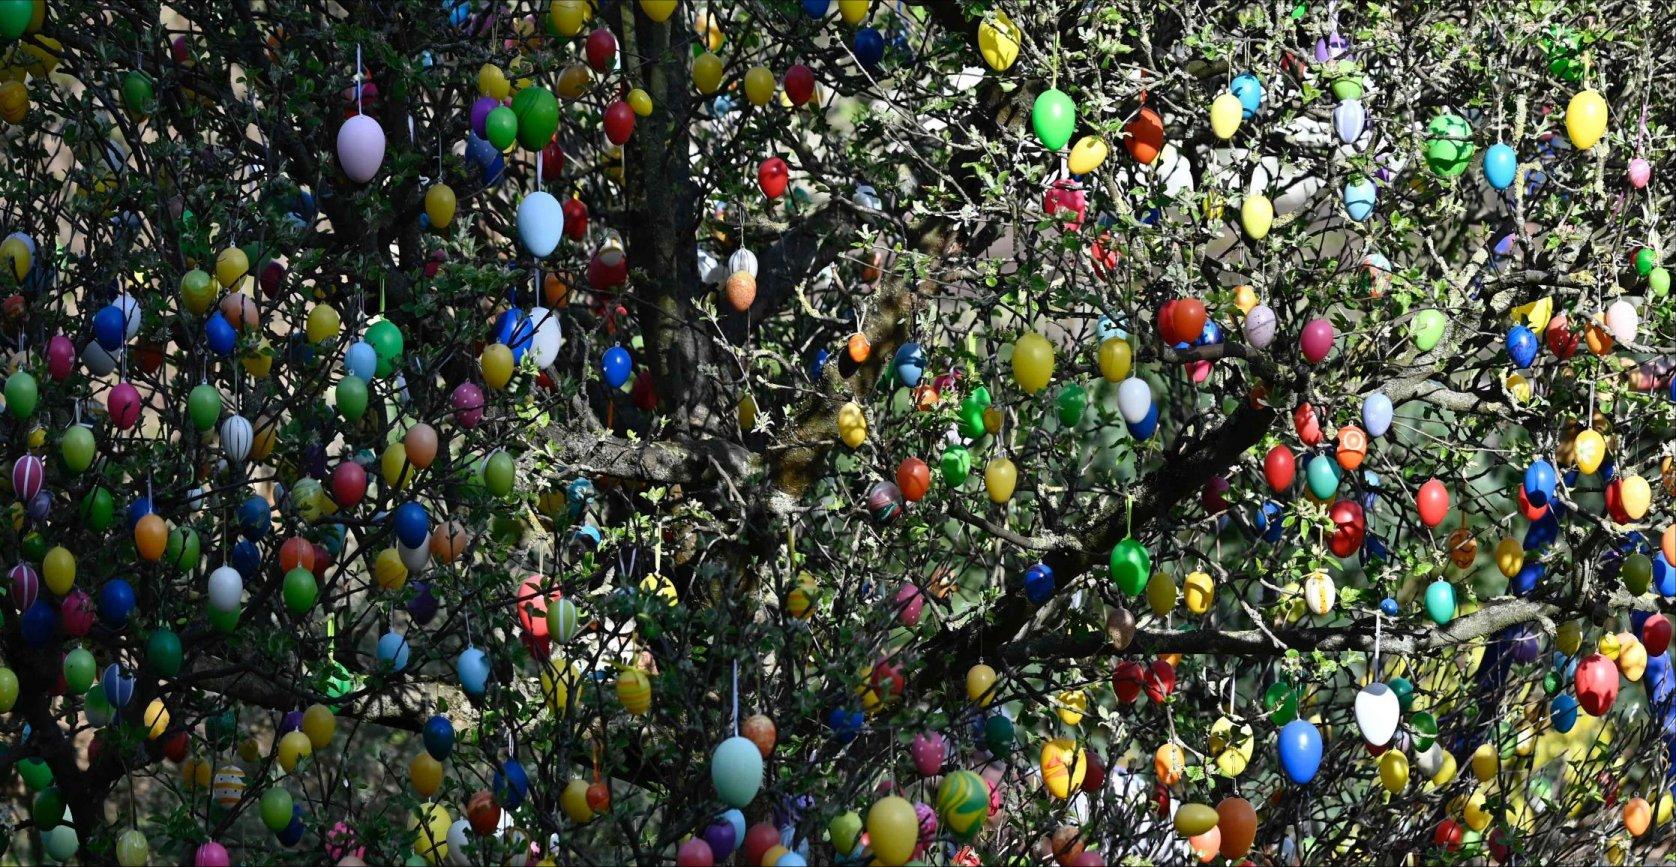 Buona Pasqua 2020 dalla Redazione Digital-News.it e Digital-Forum.it